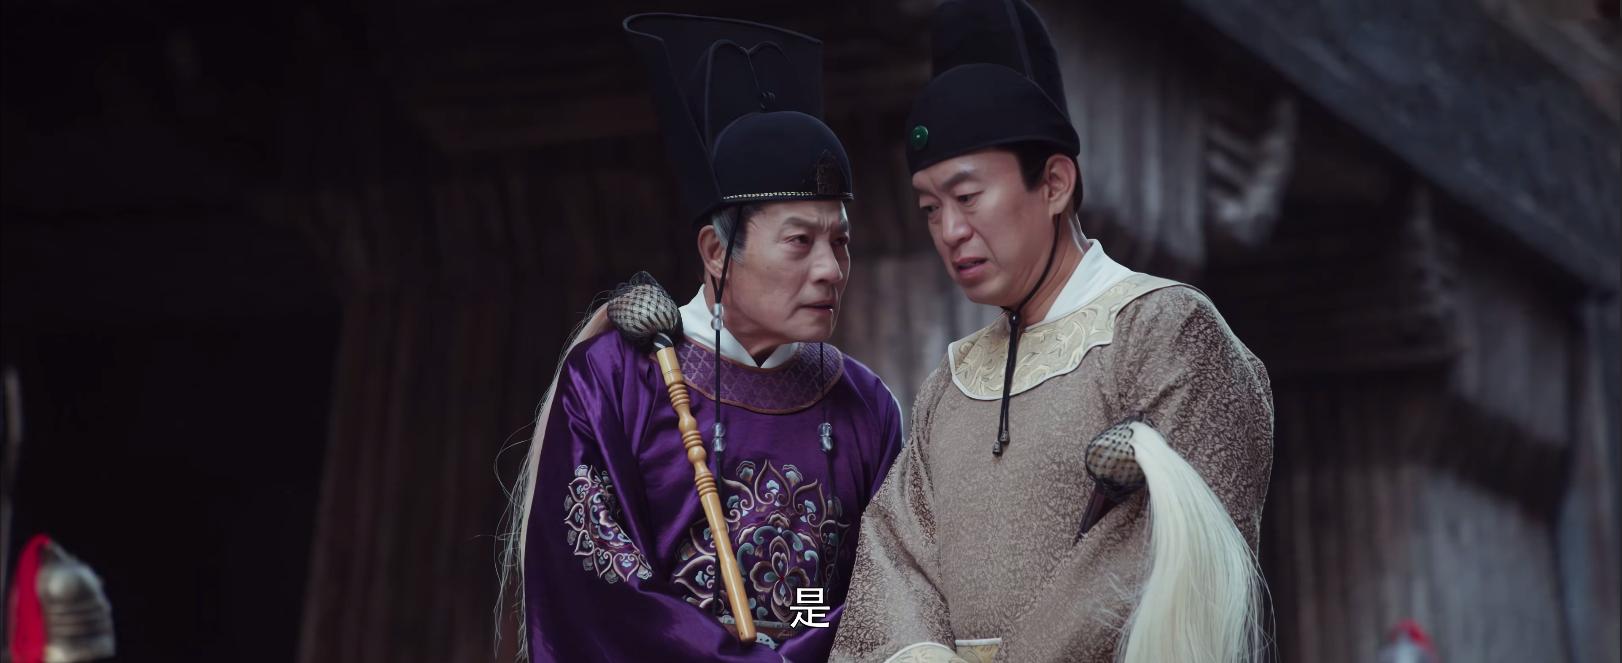 《御赐小仵作》结局,昌王失败,萧瑾璃任节度使,公主送楚楚出嫁